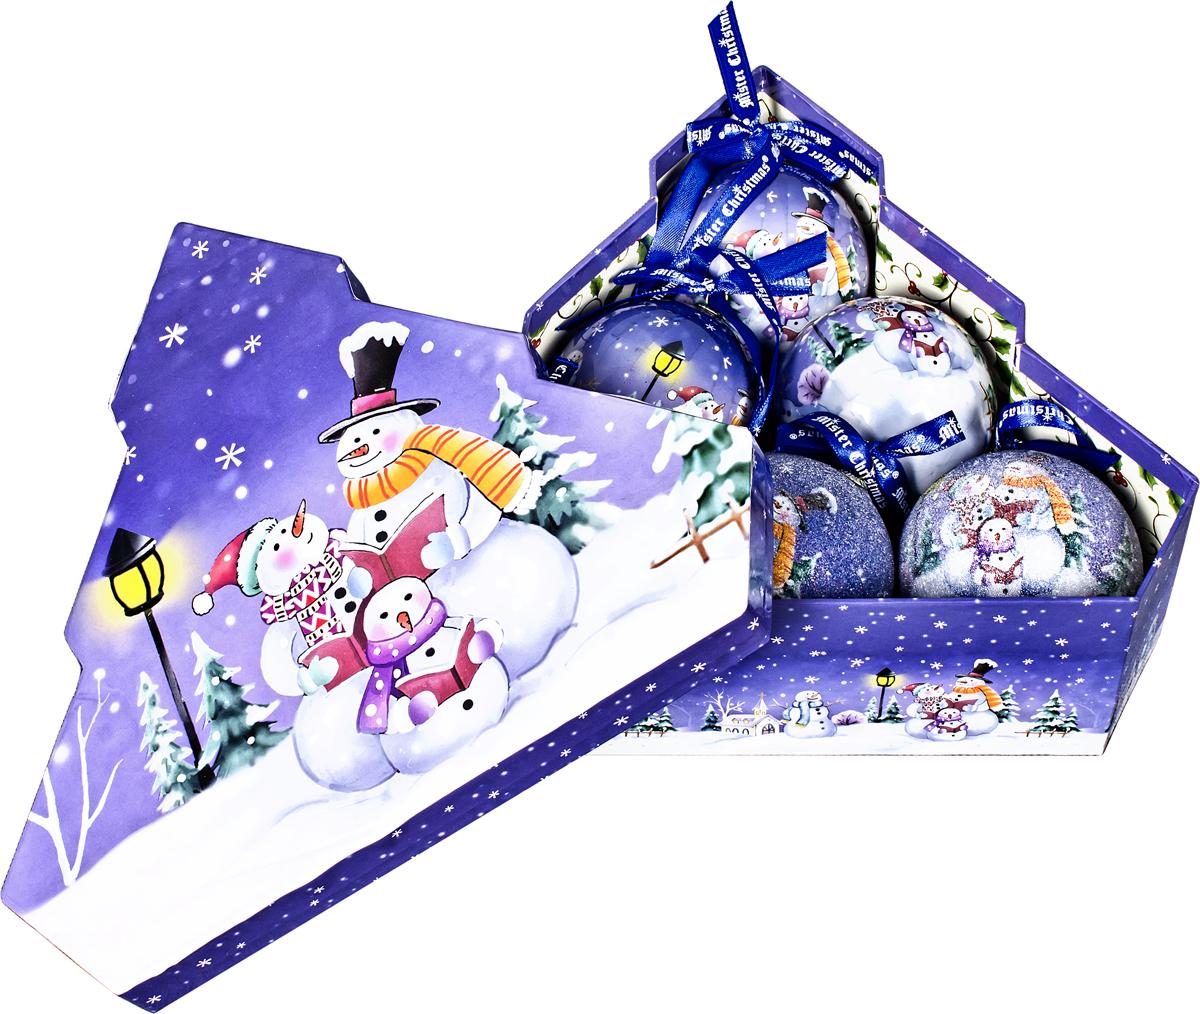 Набор новогодних подвесных украшений Mister Christmas  Папье-маше , диаметр 7,5 см, 6 шт. PM-46-6T -  Украшения